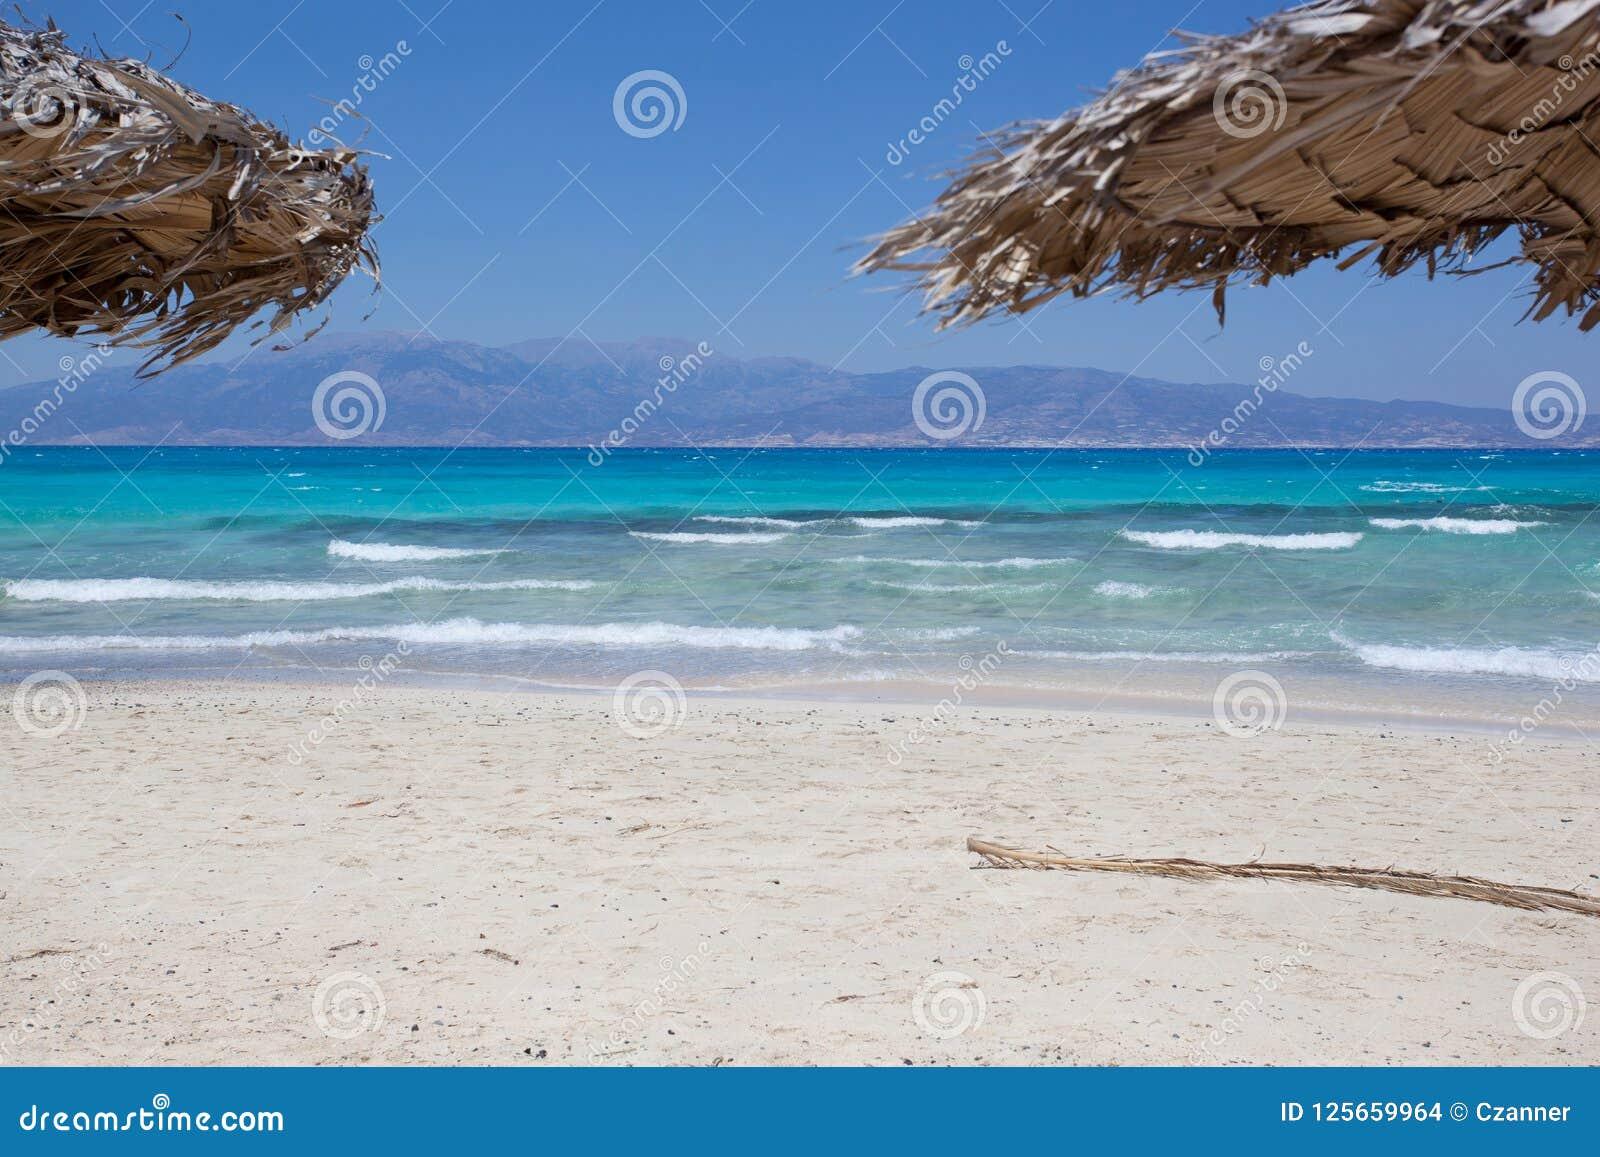 Ile De Chrissi Crete Carte.Poncez La Plage Ile De Chrissi En Crete Grece Photo Stock